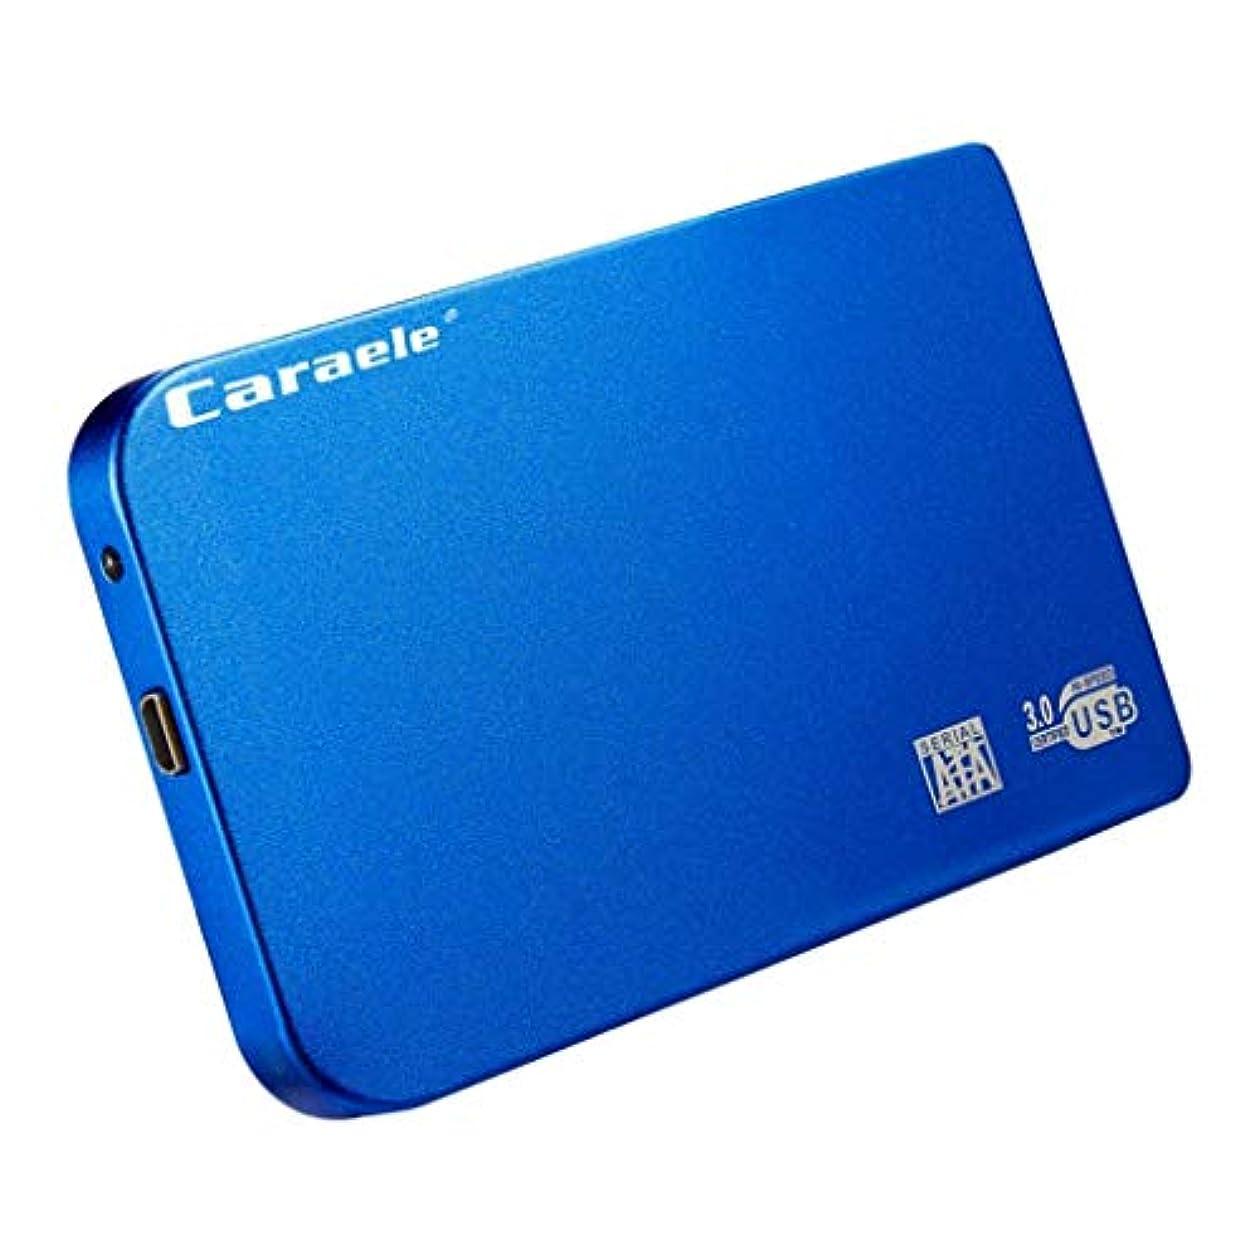 タッチ贈り物テントD DOLITY 外付けハードディスクドライブ 2.5インチ USB3.0 超高速 SATA HDDエンクロージャー ケース付 - 250GB